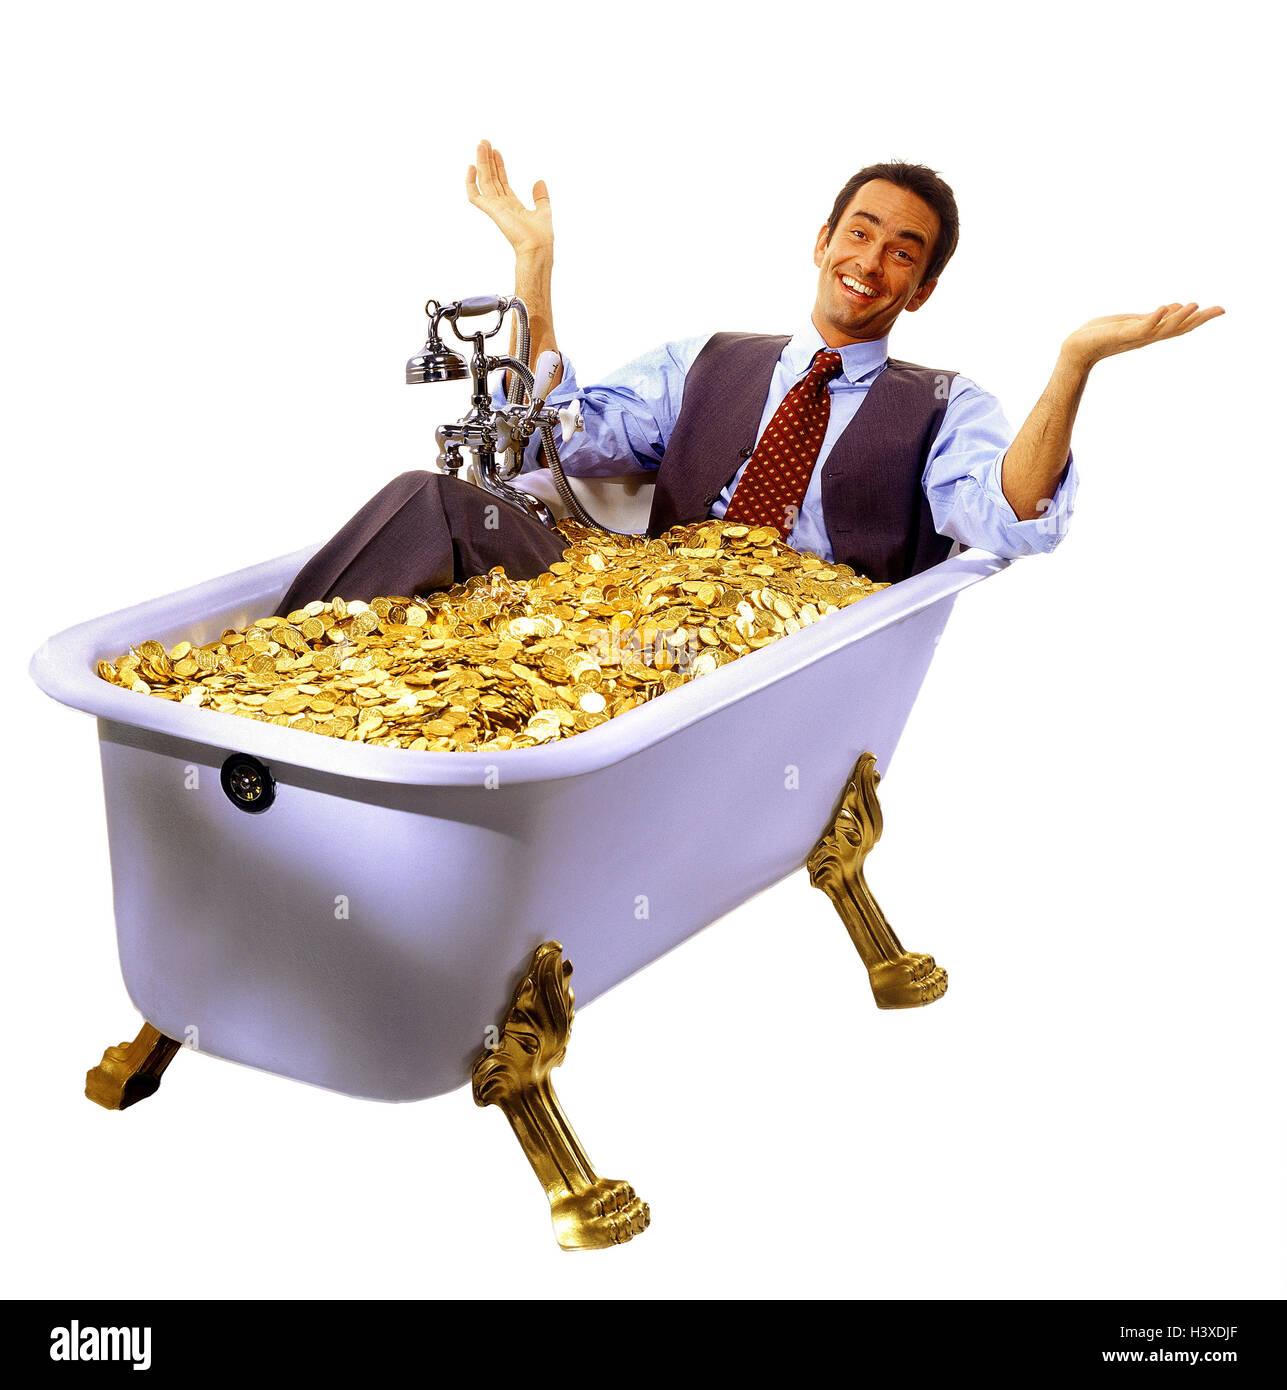 """Empresario, bañera, monedas de oro, la ganancia, la riqueza, los conceptos, el hombre de negocios, """"tiene un baño', de oro, de plata, ricamente, suerte, prosperidad, éxito, felizmente, disfrute, satisfacción, el gesto, el studio, copiar el espacio, Foto de stock"""